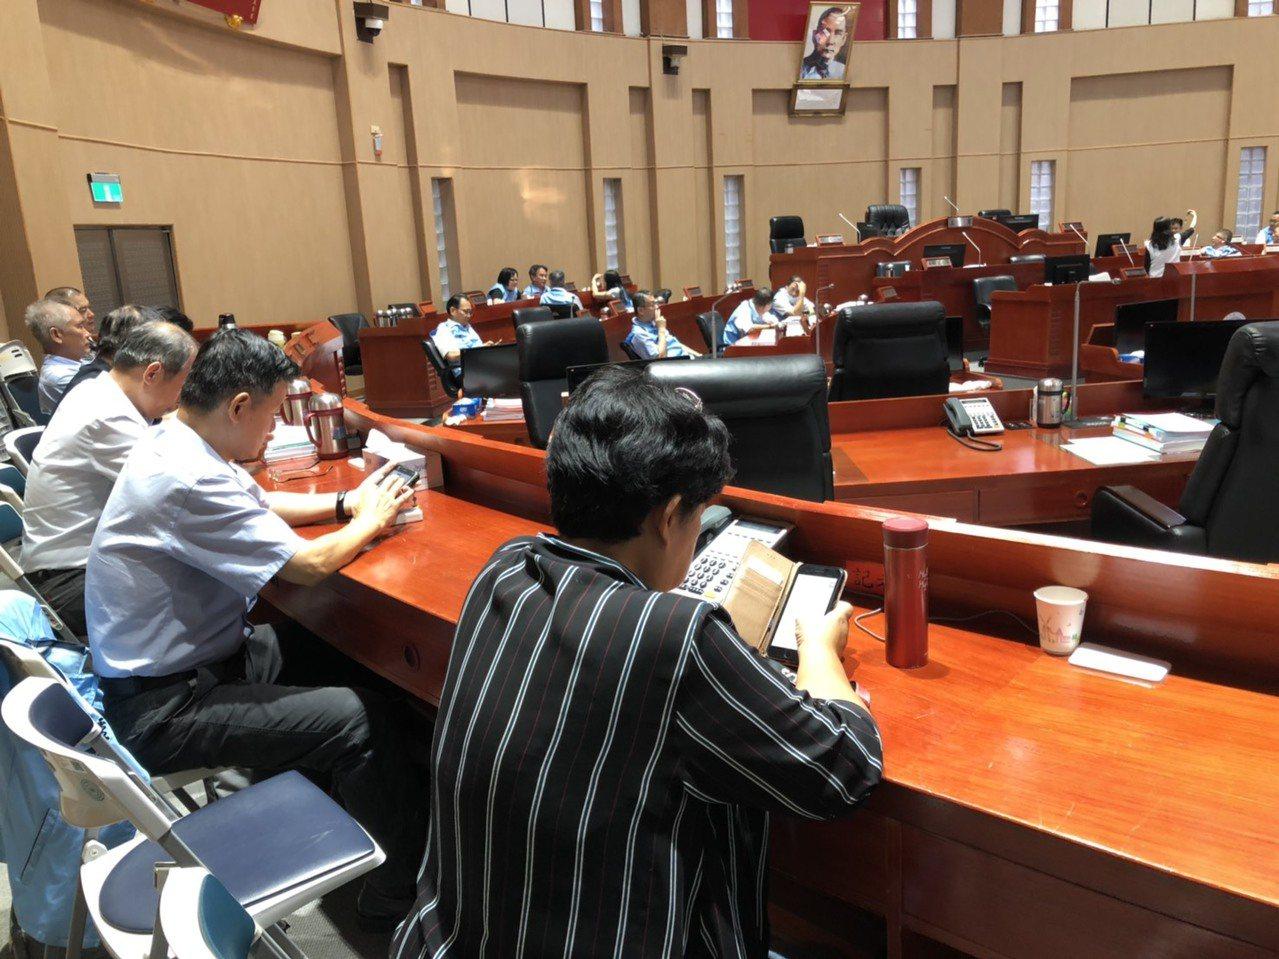 金門縣議會召開臨時會,但因為出席議員未過半而流會空轉,到場的縣府官員只能猛滑手機...